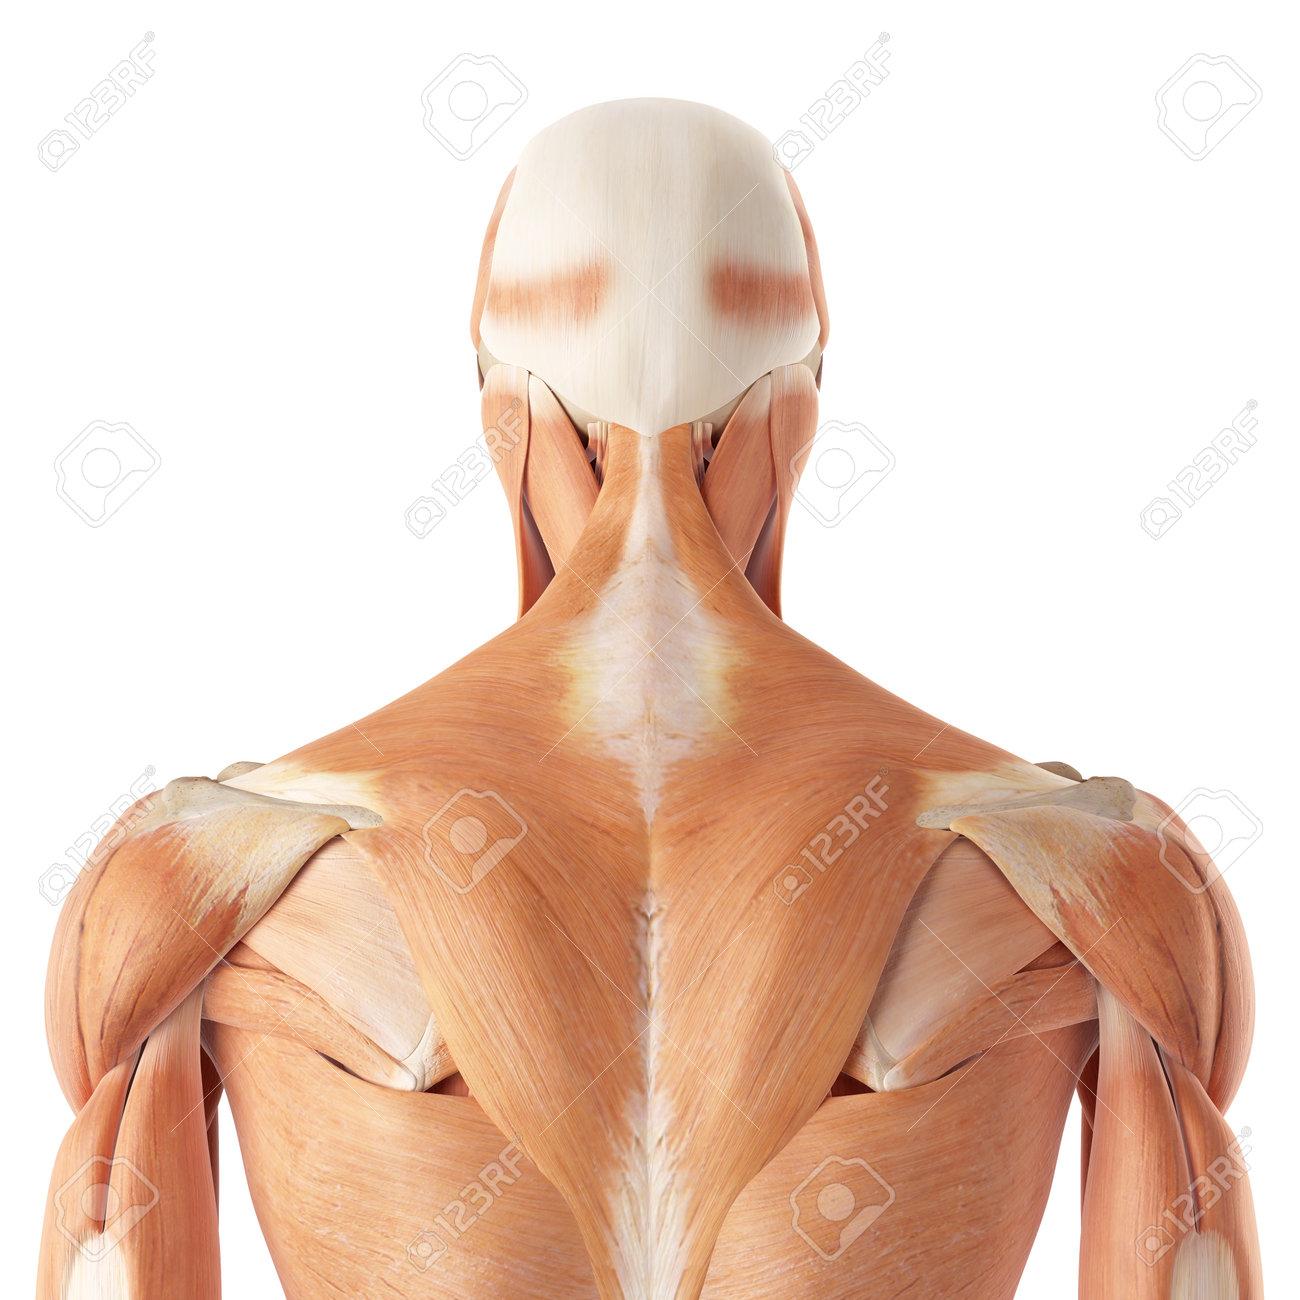 Ilustración Médica Precisa De Los Músculos Superiores De La Espalda ...